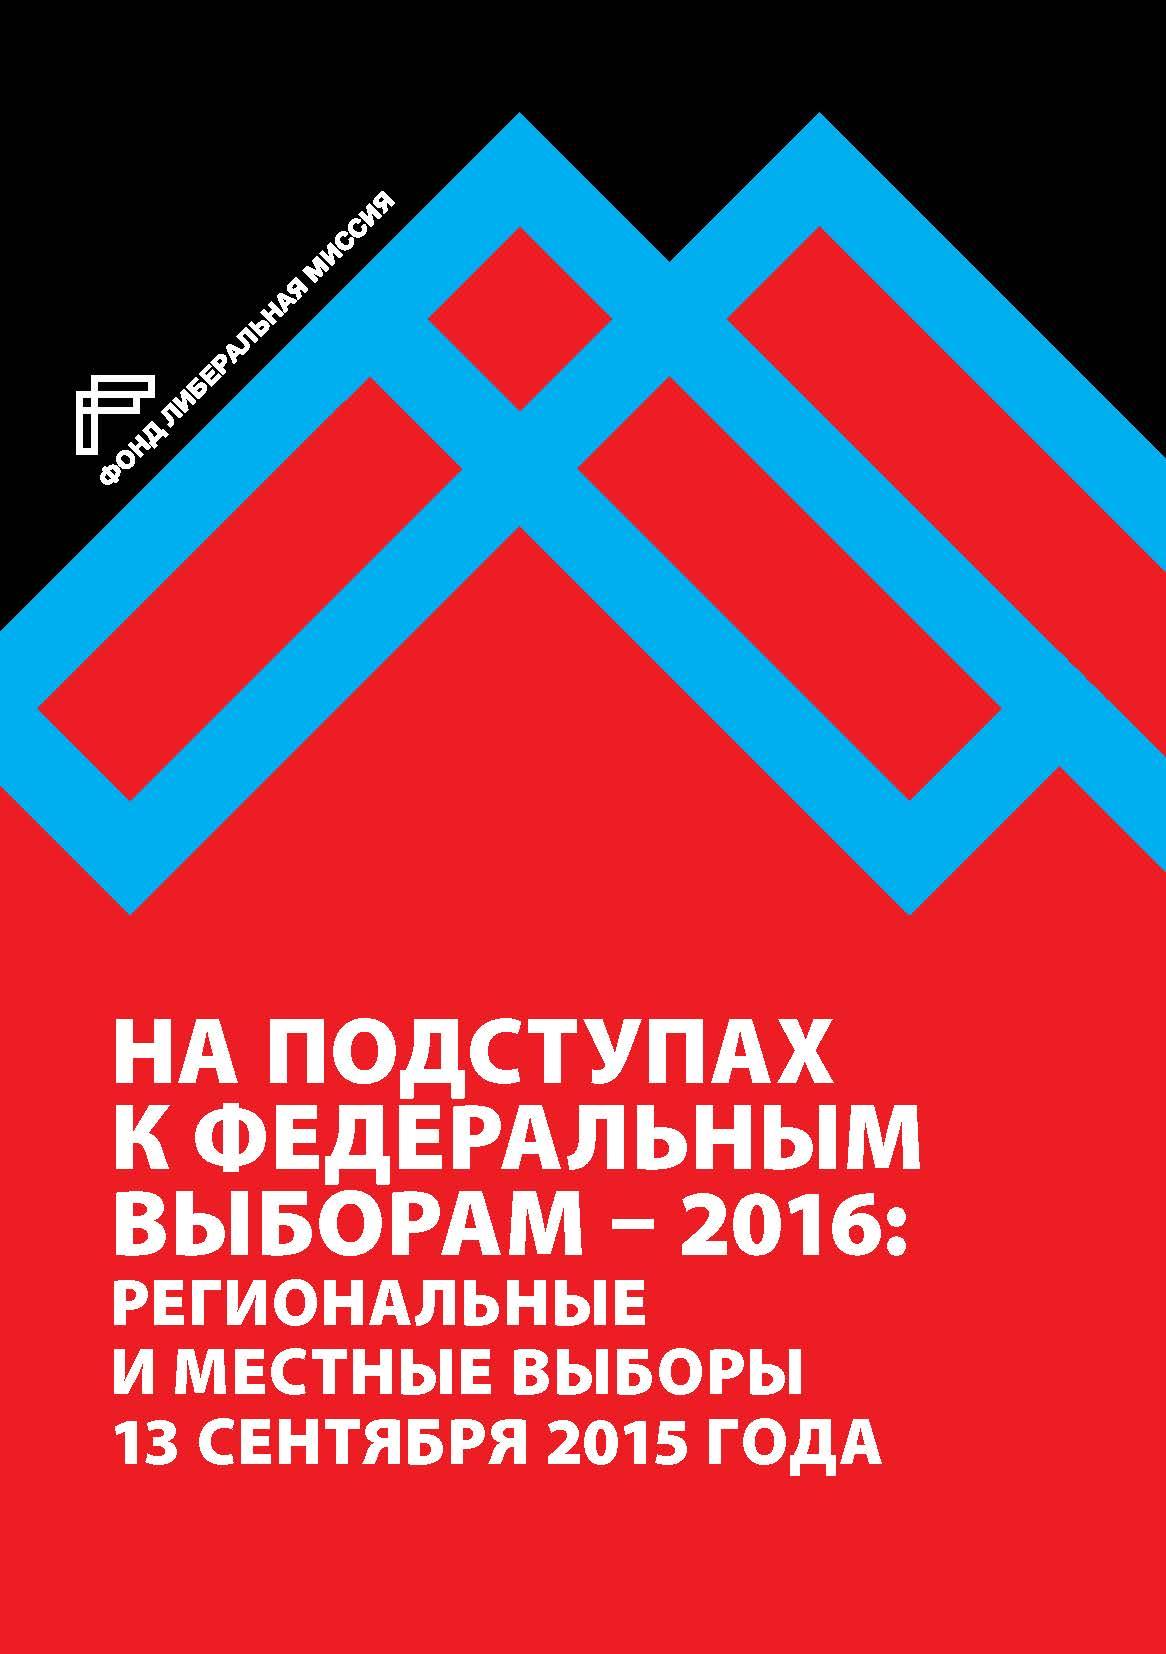 На подступах к федеральным выборам - 2016: региональные и местные выборы в России 13 сентября 2015 года